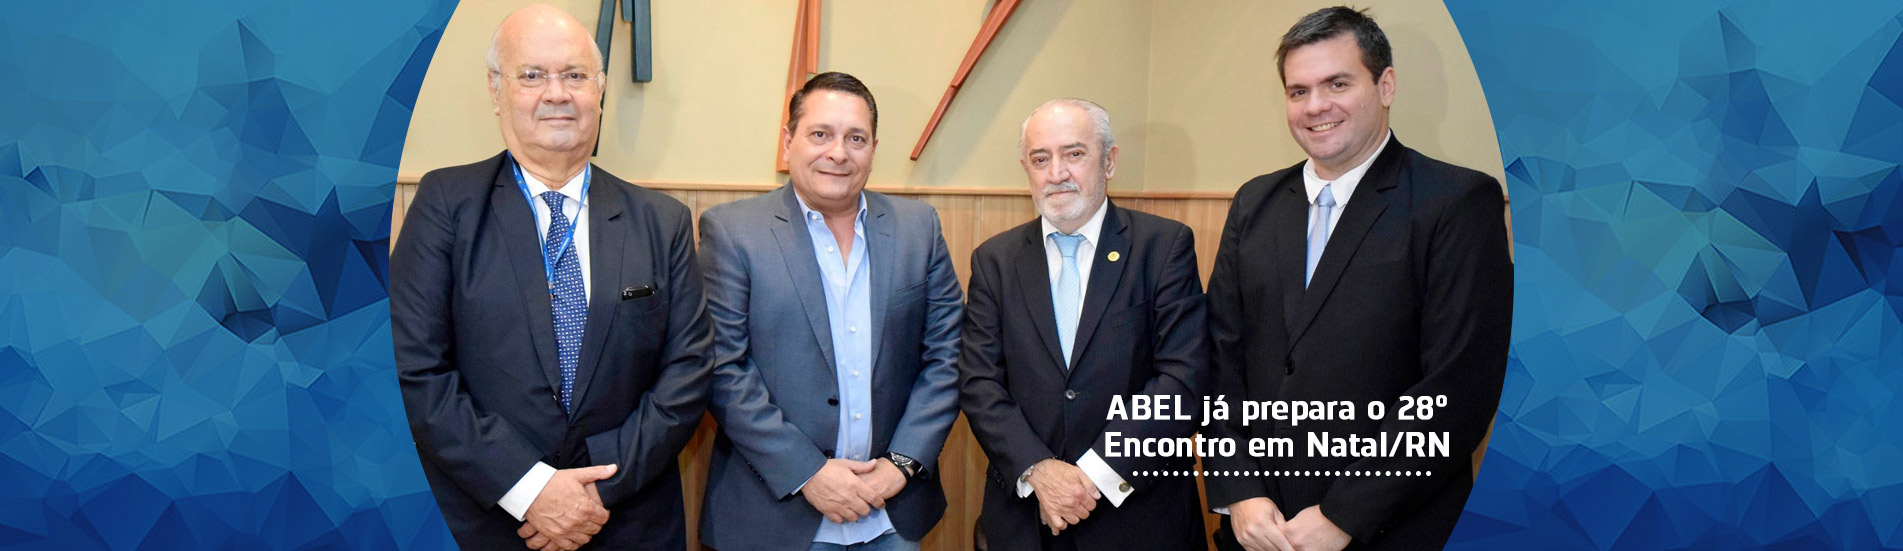 abel-banner-15-08-16